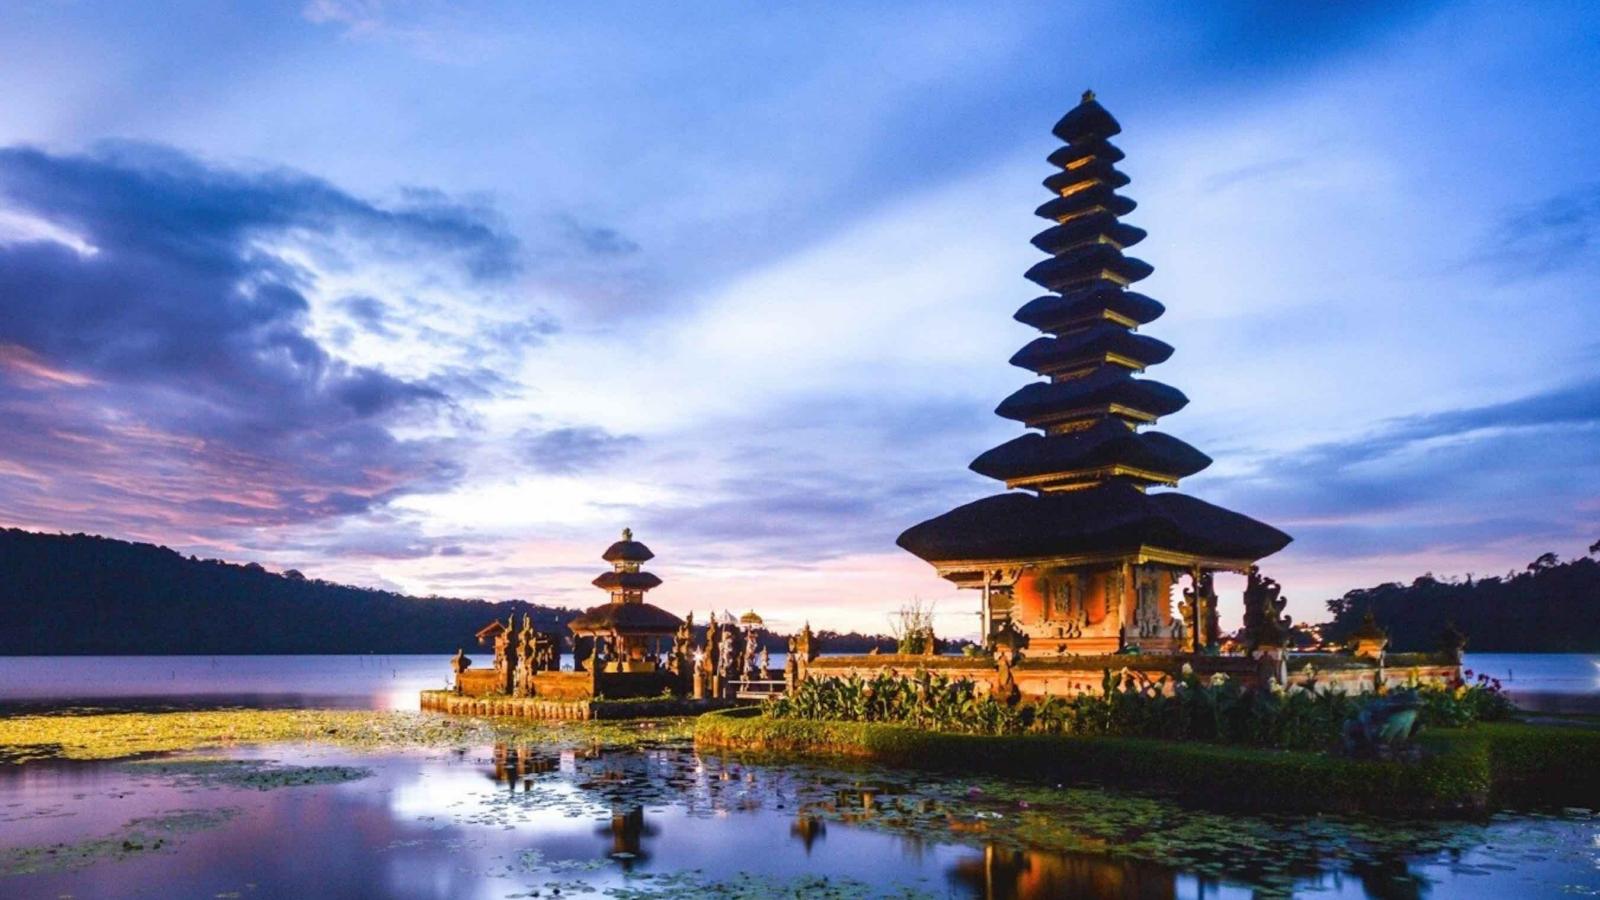 Indonesia thất thu vì du lịch, người Bali tìm kế sinh nhai bền vững hơn